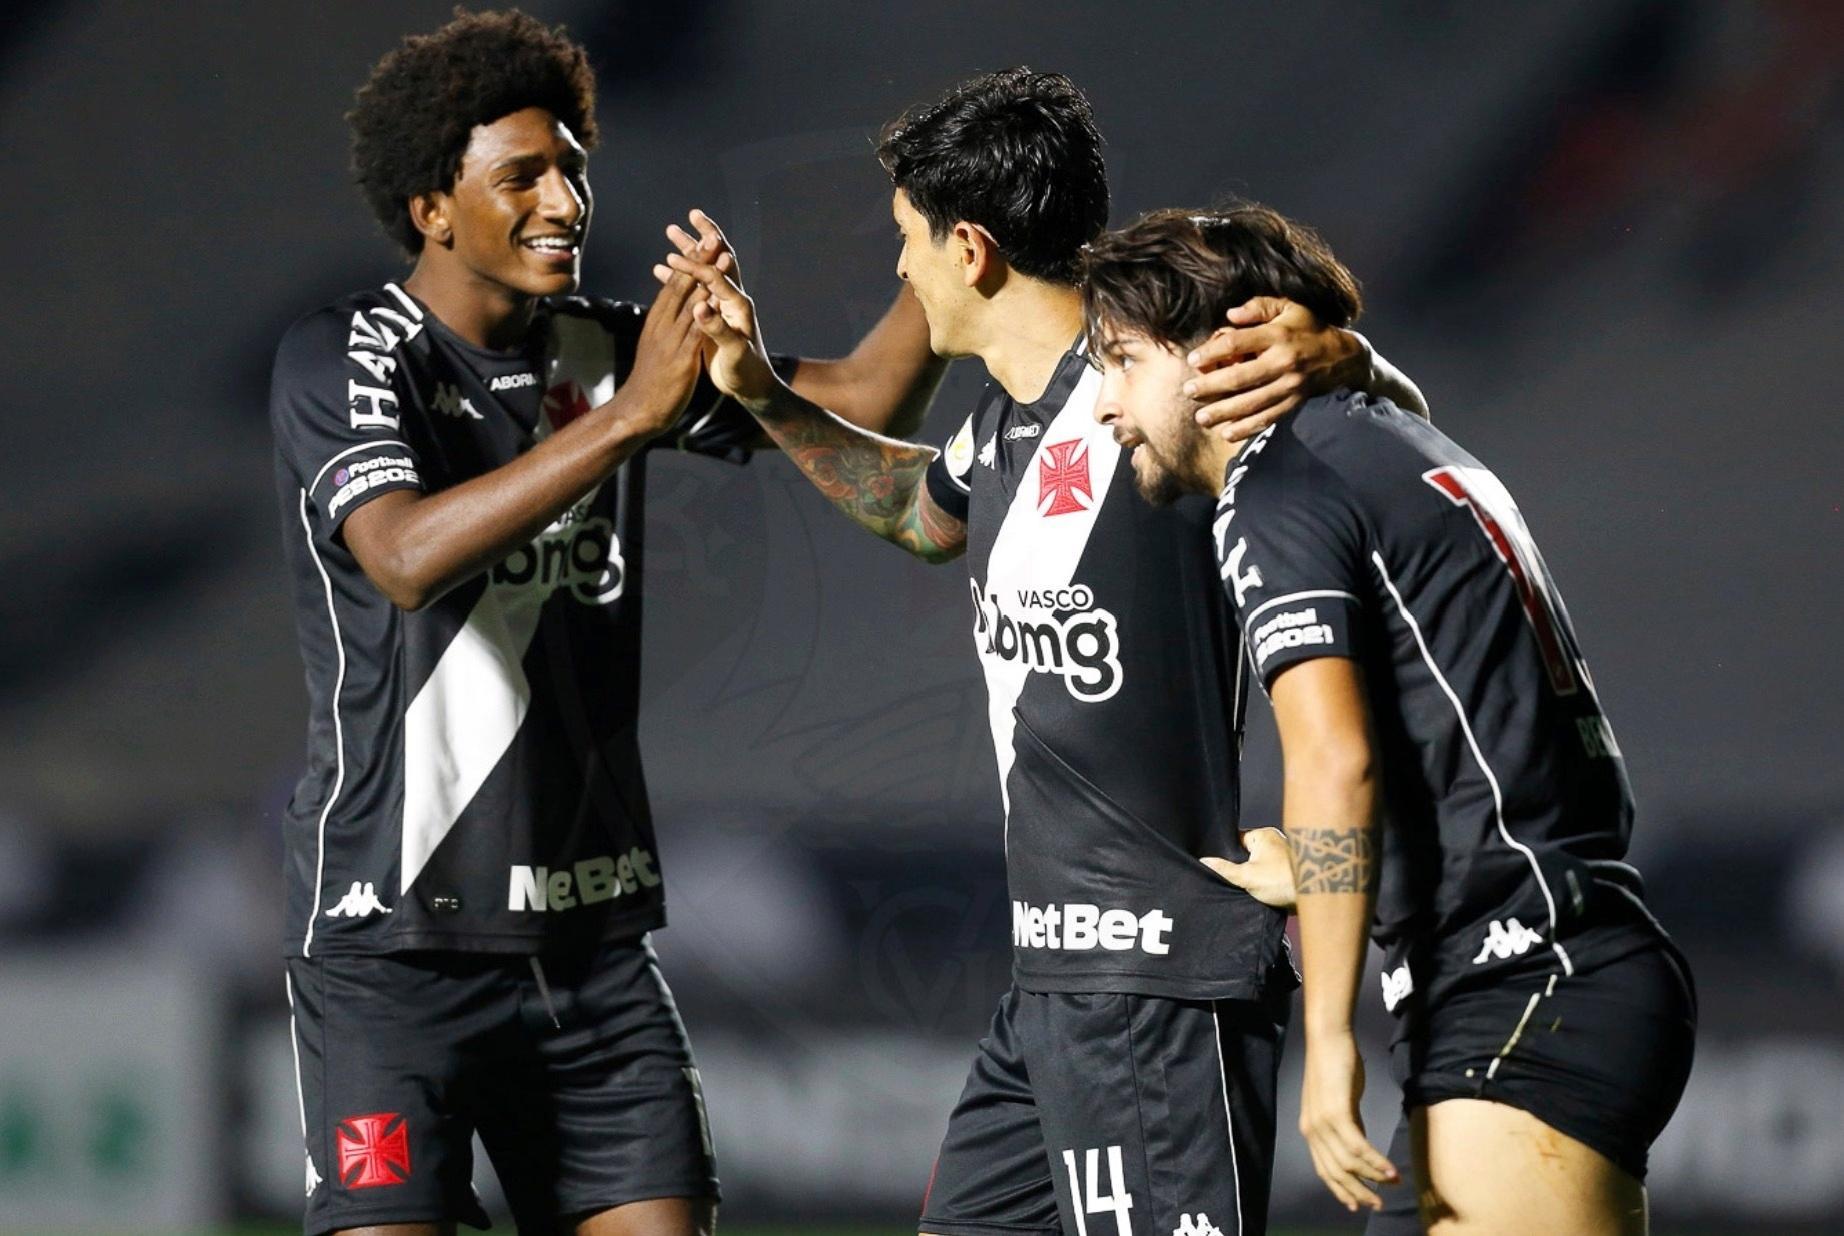 Botafogo Vasco Flamengo Palmeiras Os Jogos De Domingo E Onde Assistir 13 09 2020 Uol Esporte